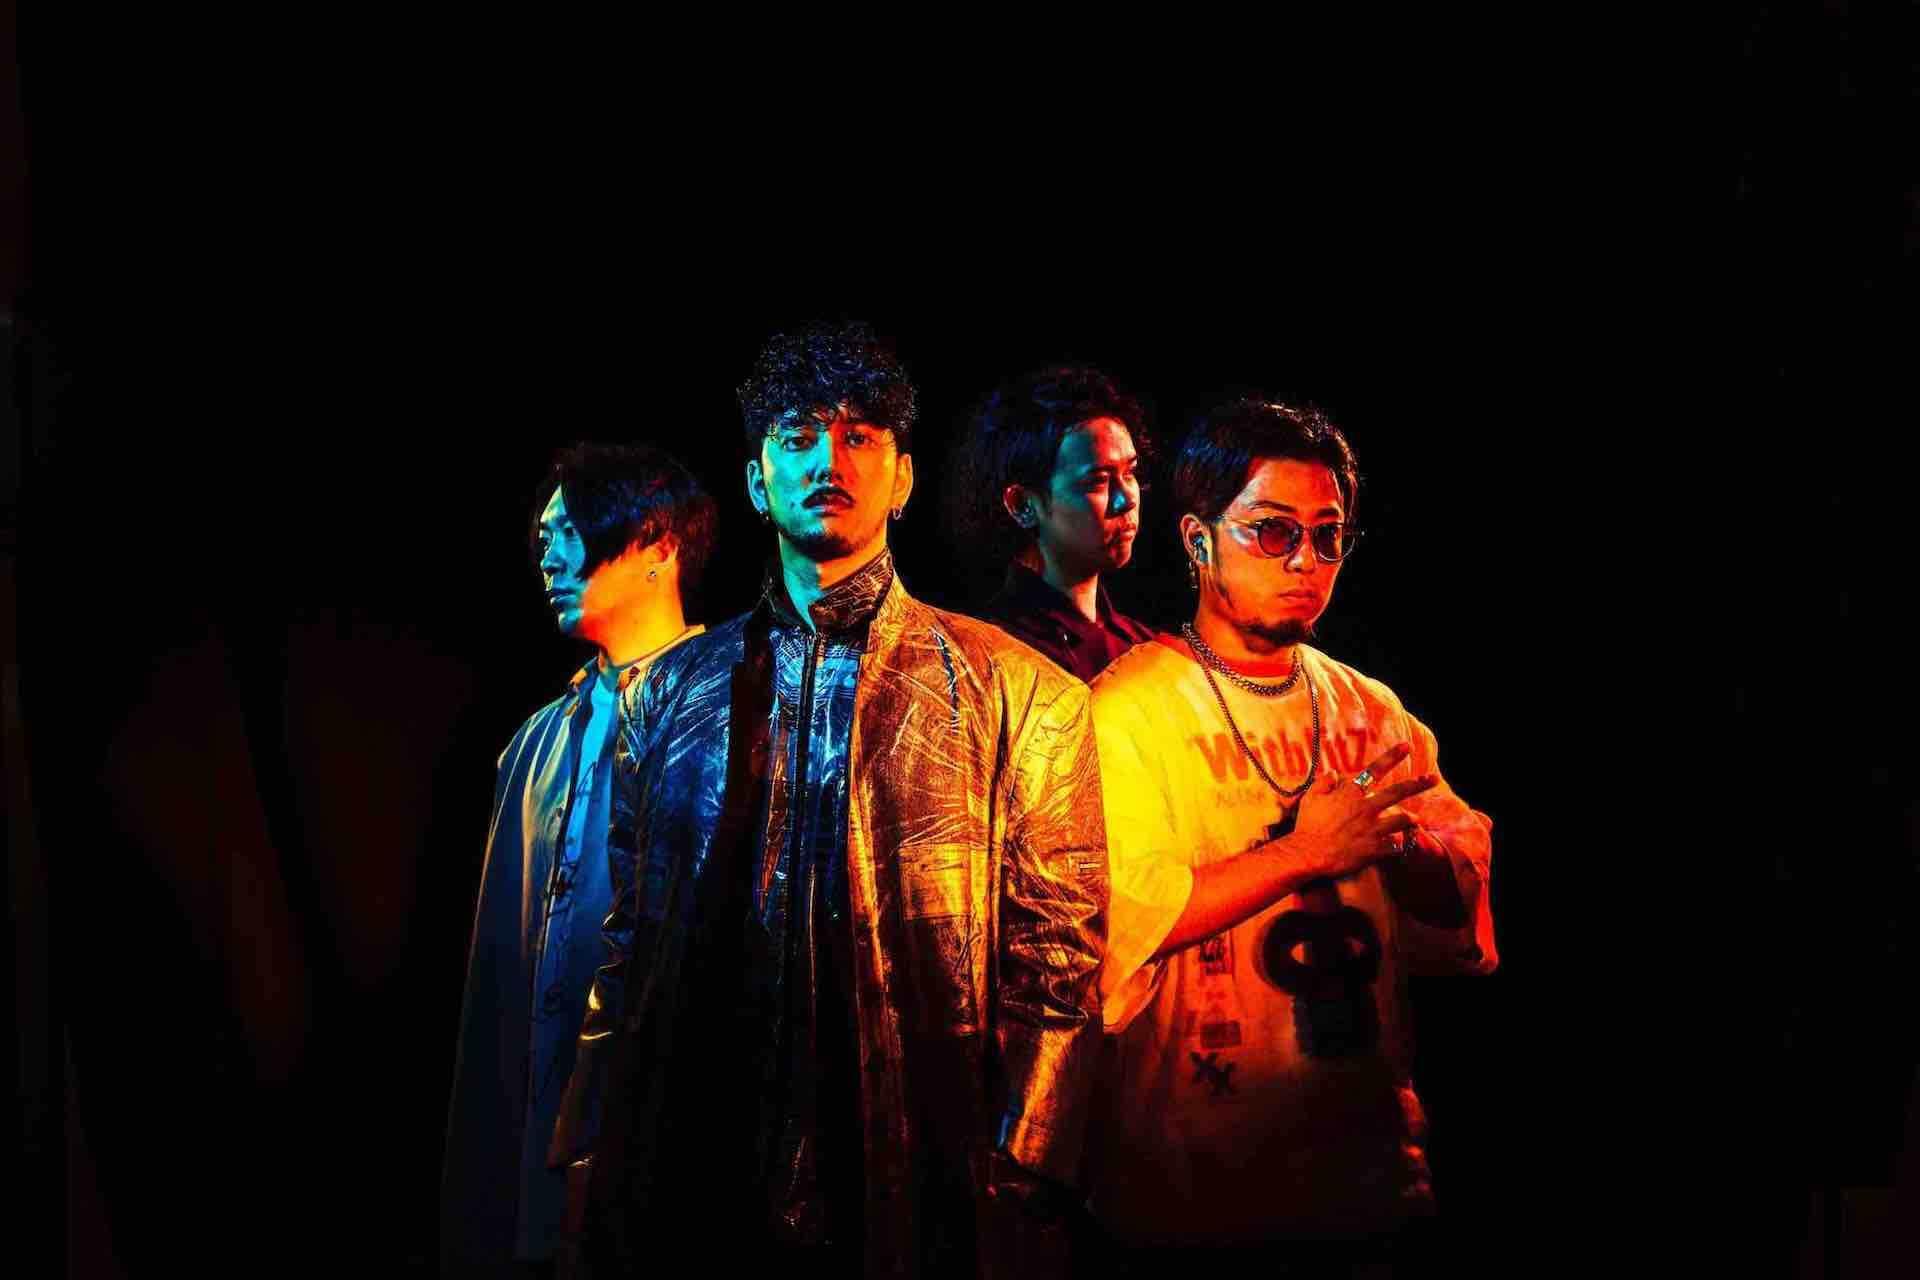 WONK、ブルーノート東京での限定組数ライブが実現!同時にライブ配信も実施 music200930_wonk_3